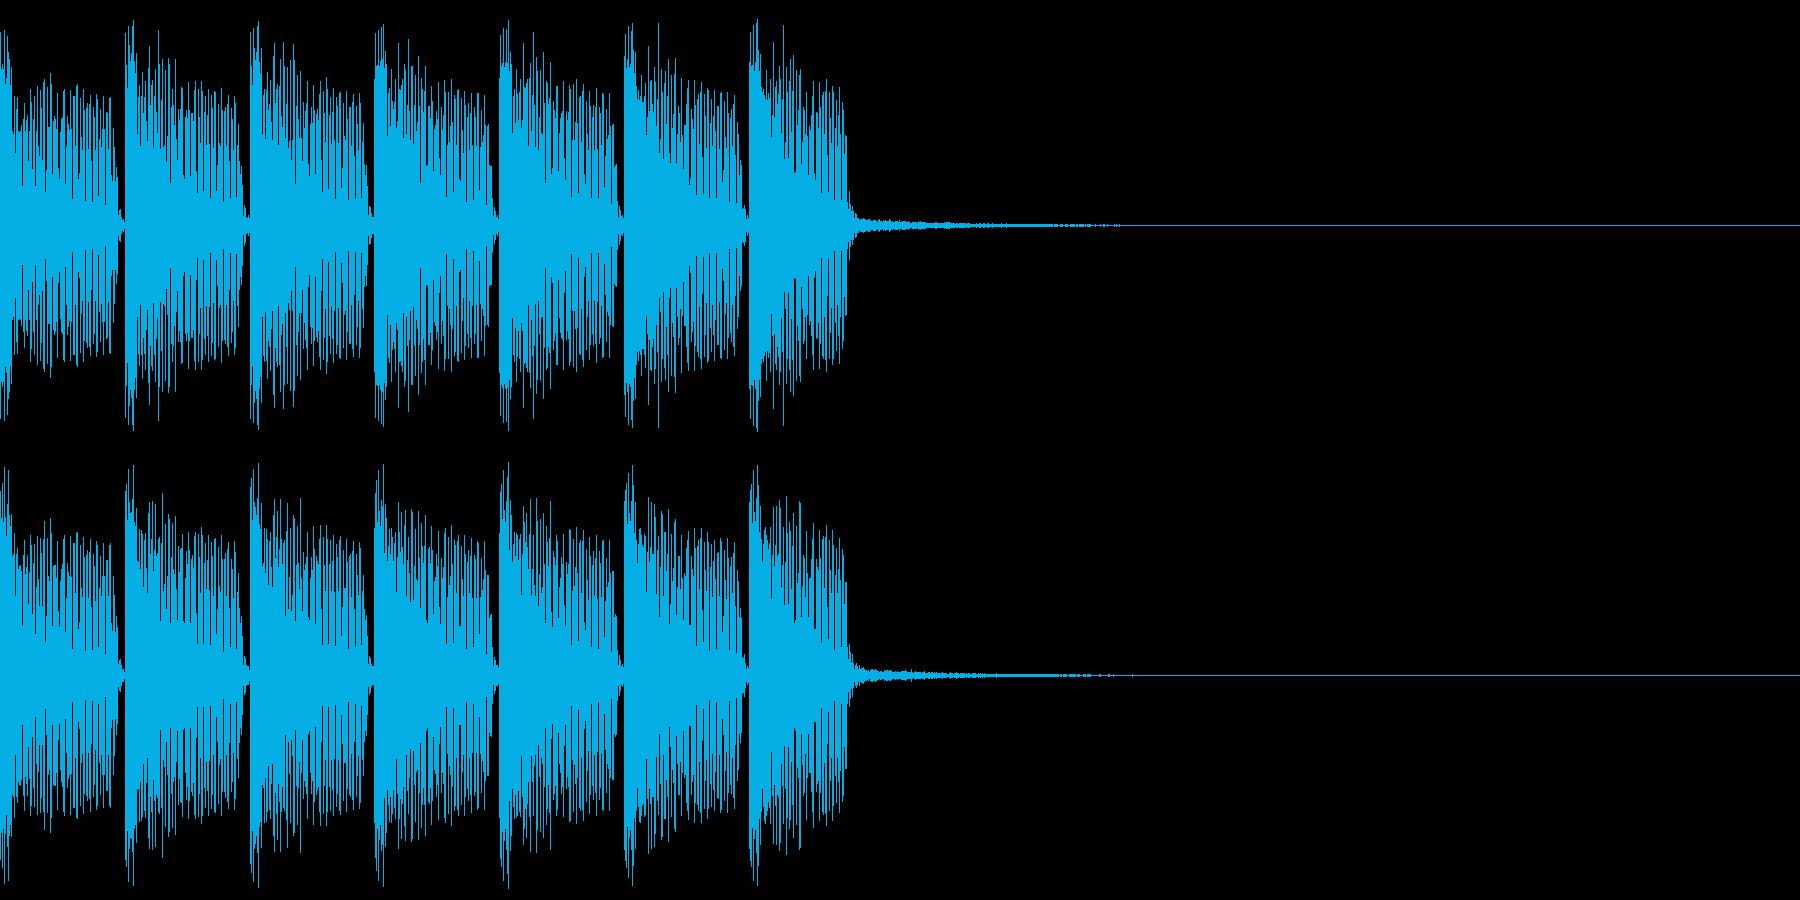 掛け声主体のEDMジングルの再生済みの波形